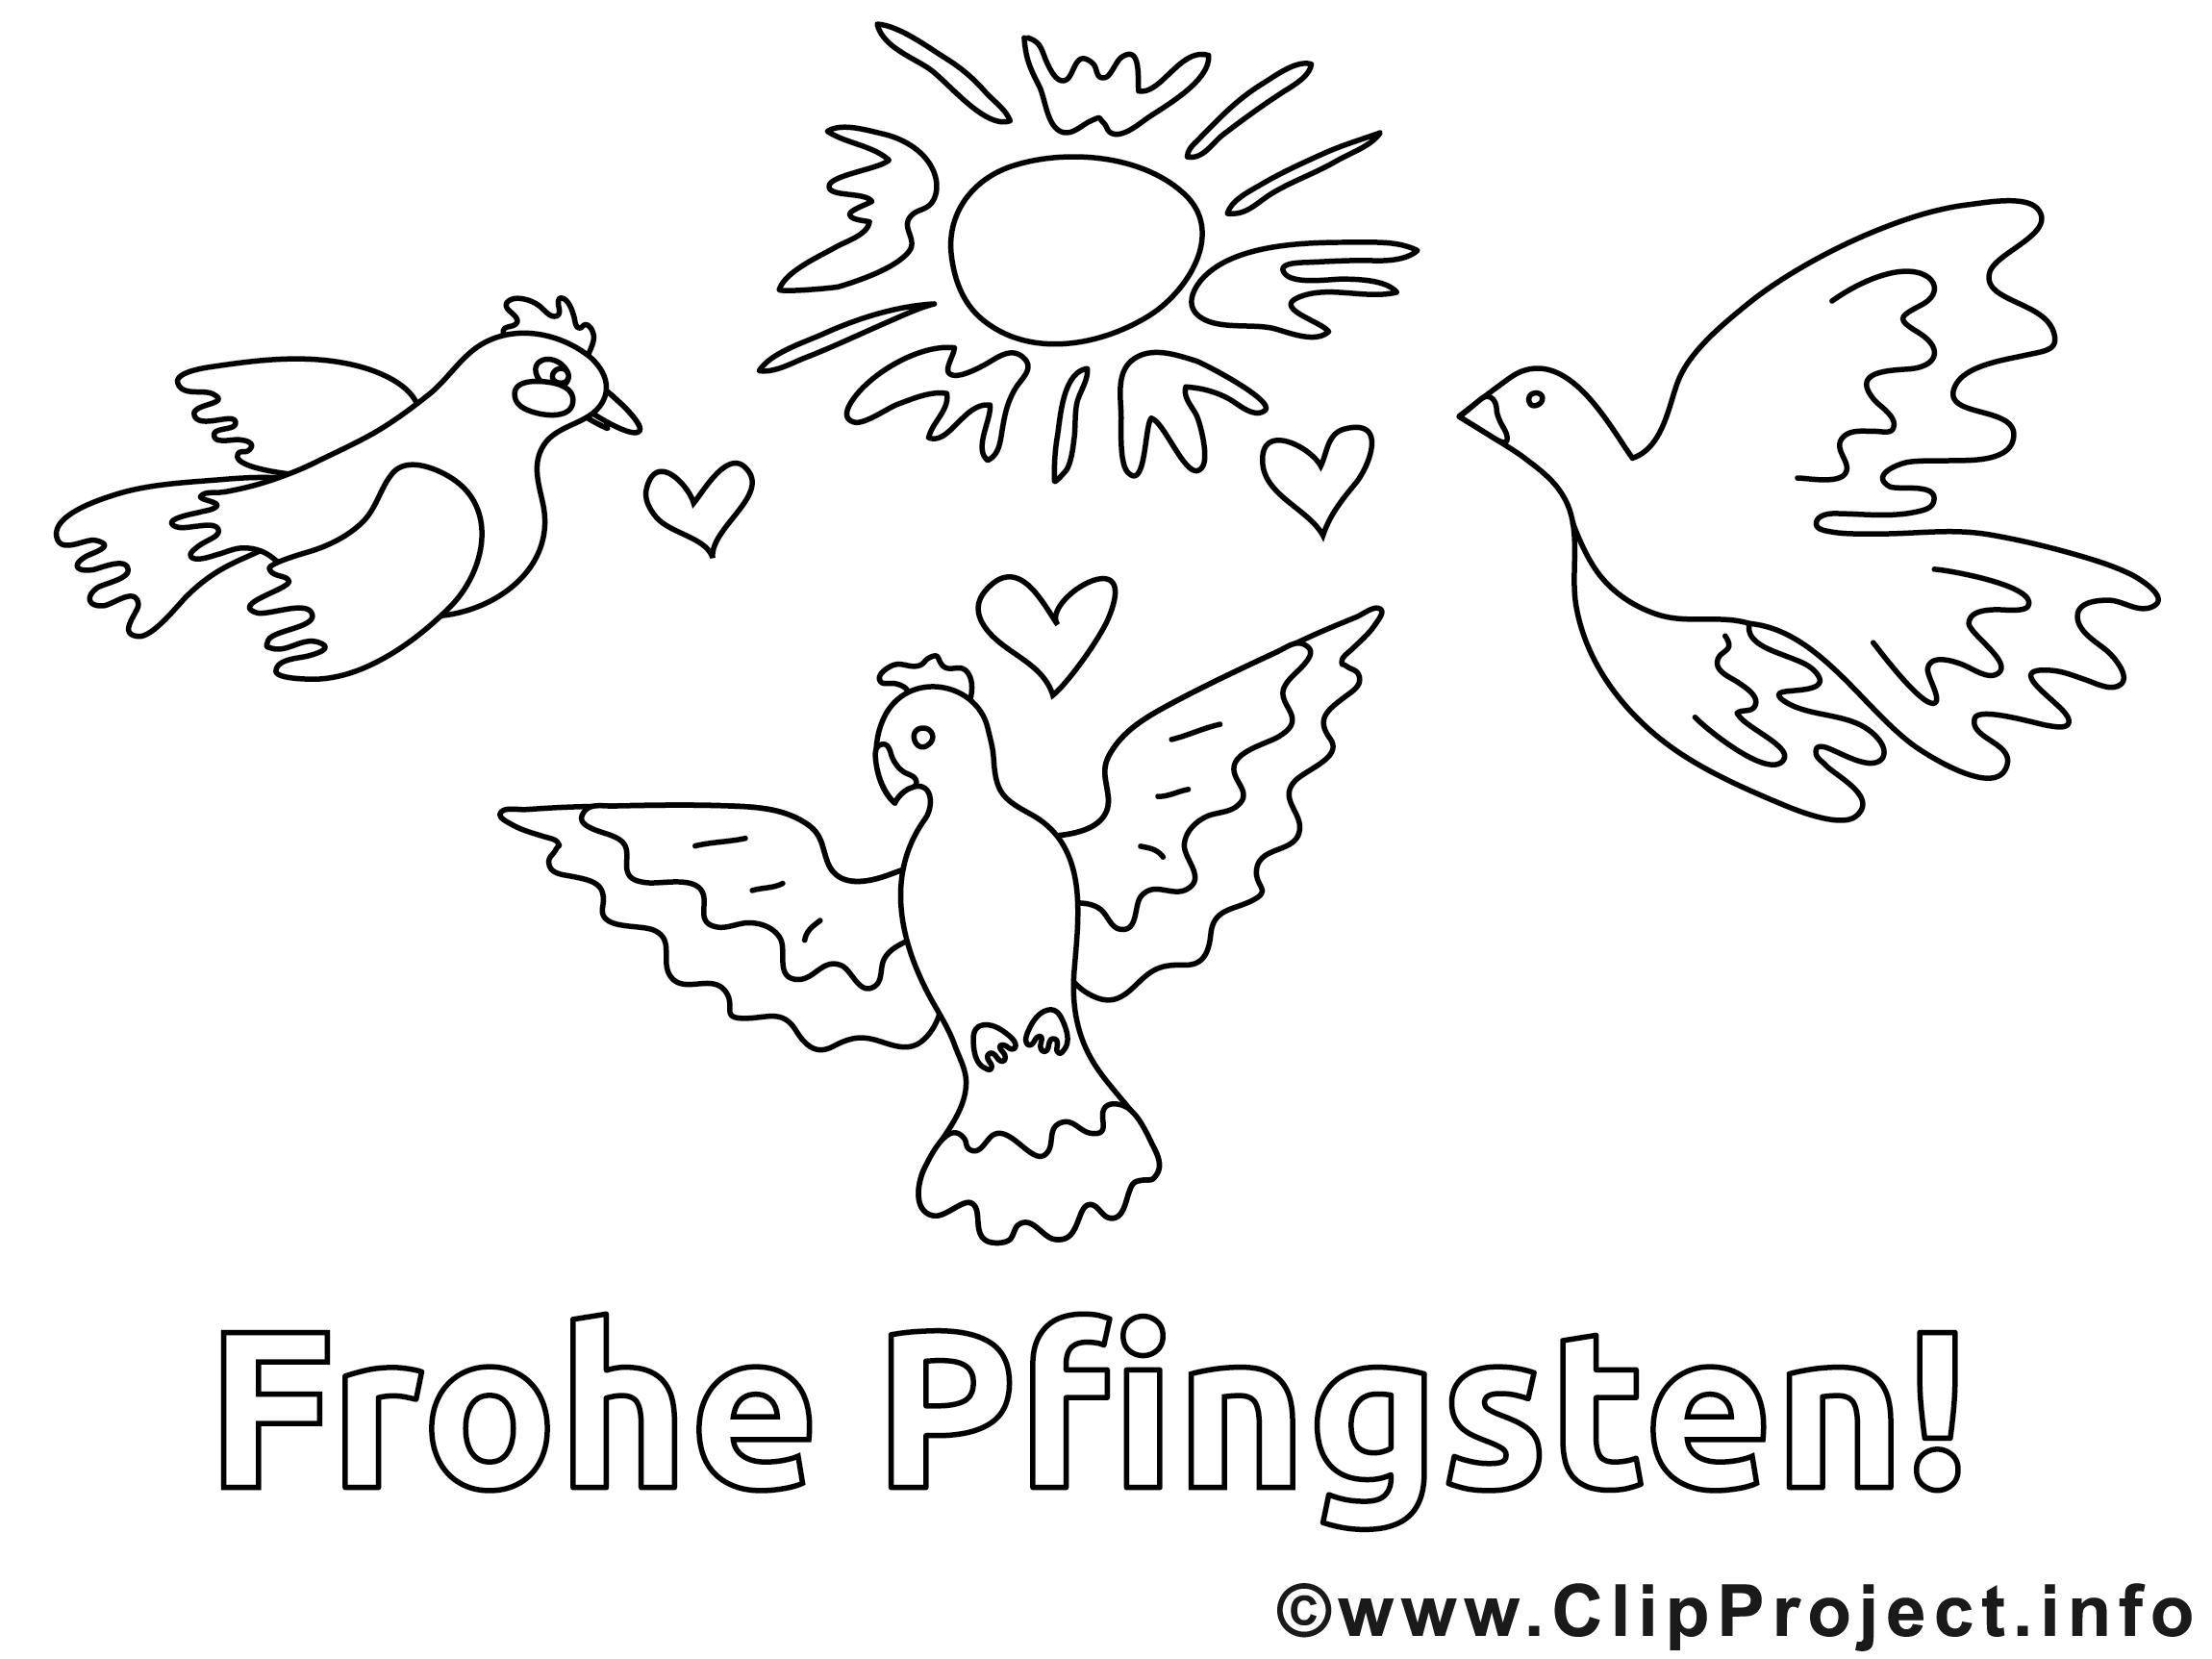 Frohe Pfingsten Ausmalbild für Kinder kostenlos ausdrucken